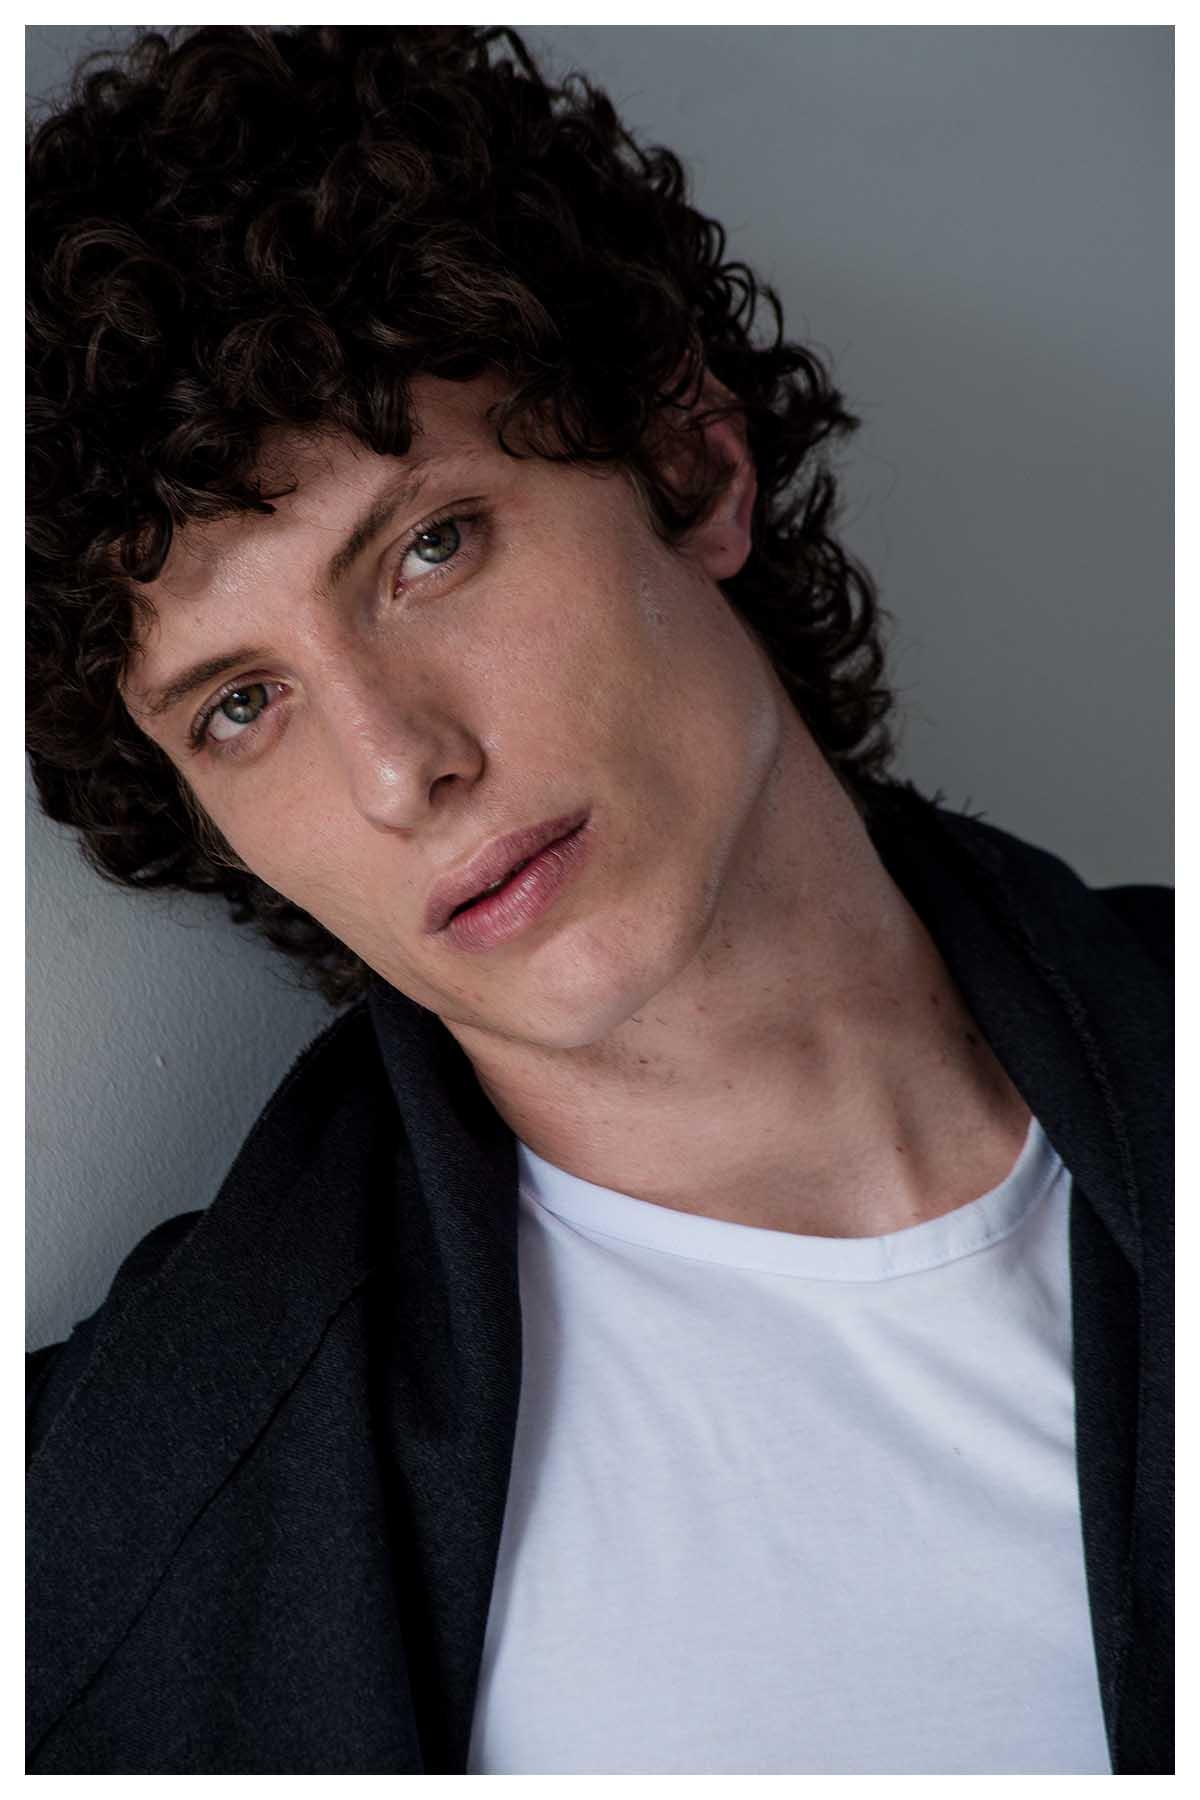 João Pinatto by Thomas Aguilera for Brazilian Male Model